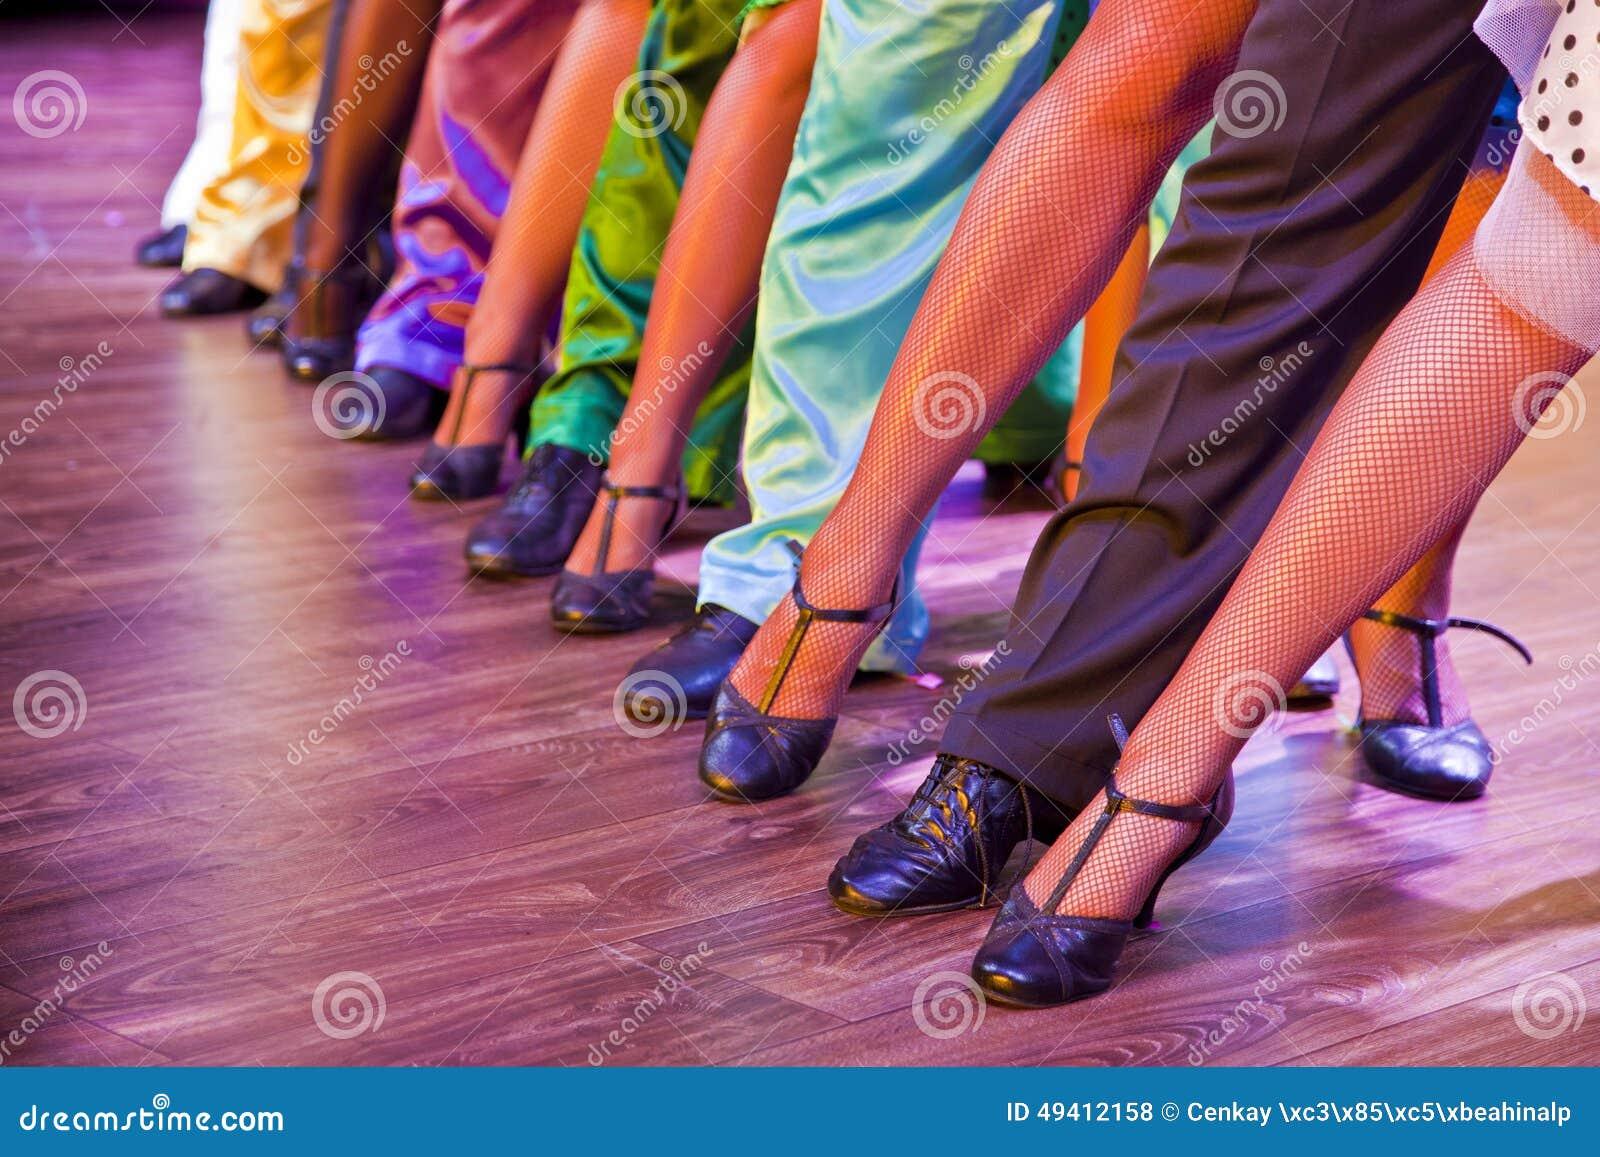 Download Tänzerbeine auf Stadium stockfoto. Bild von menschlich - 49412158